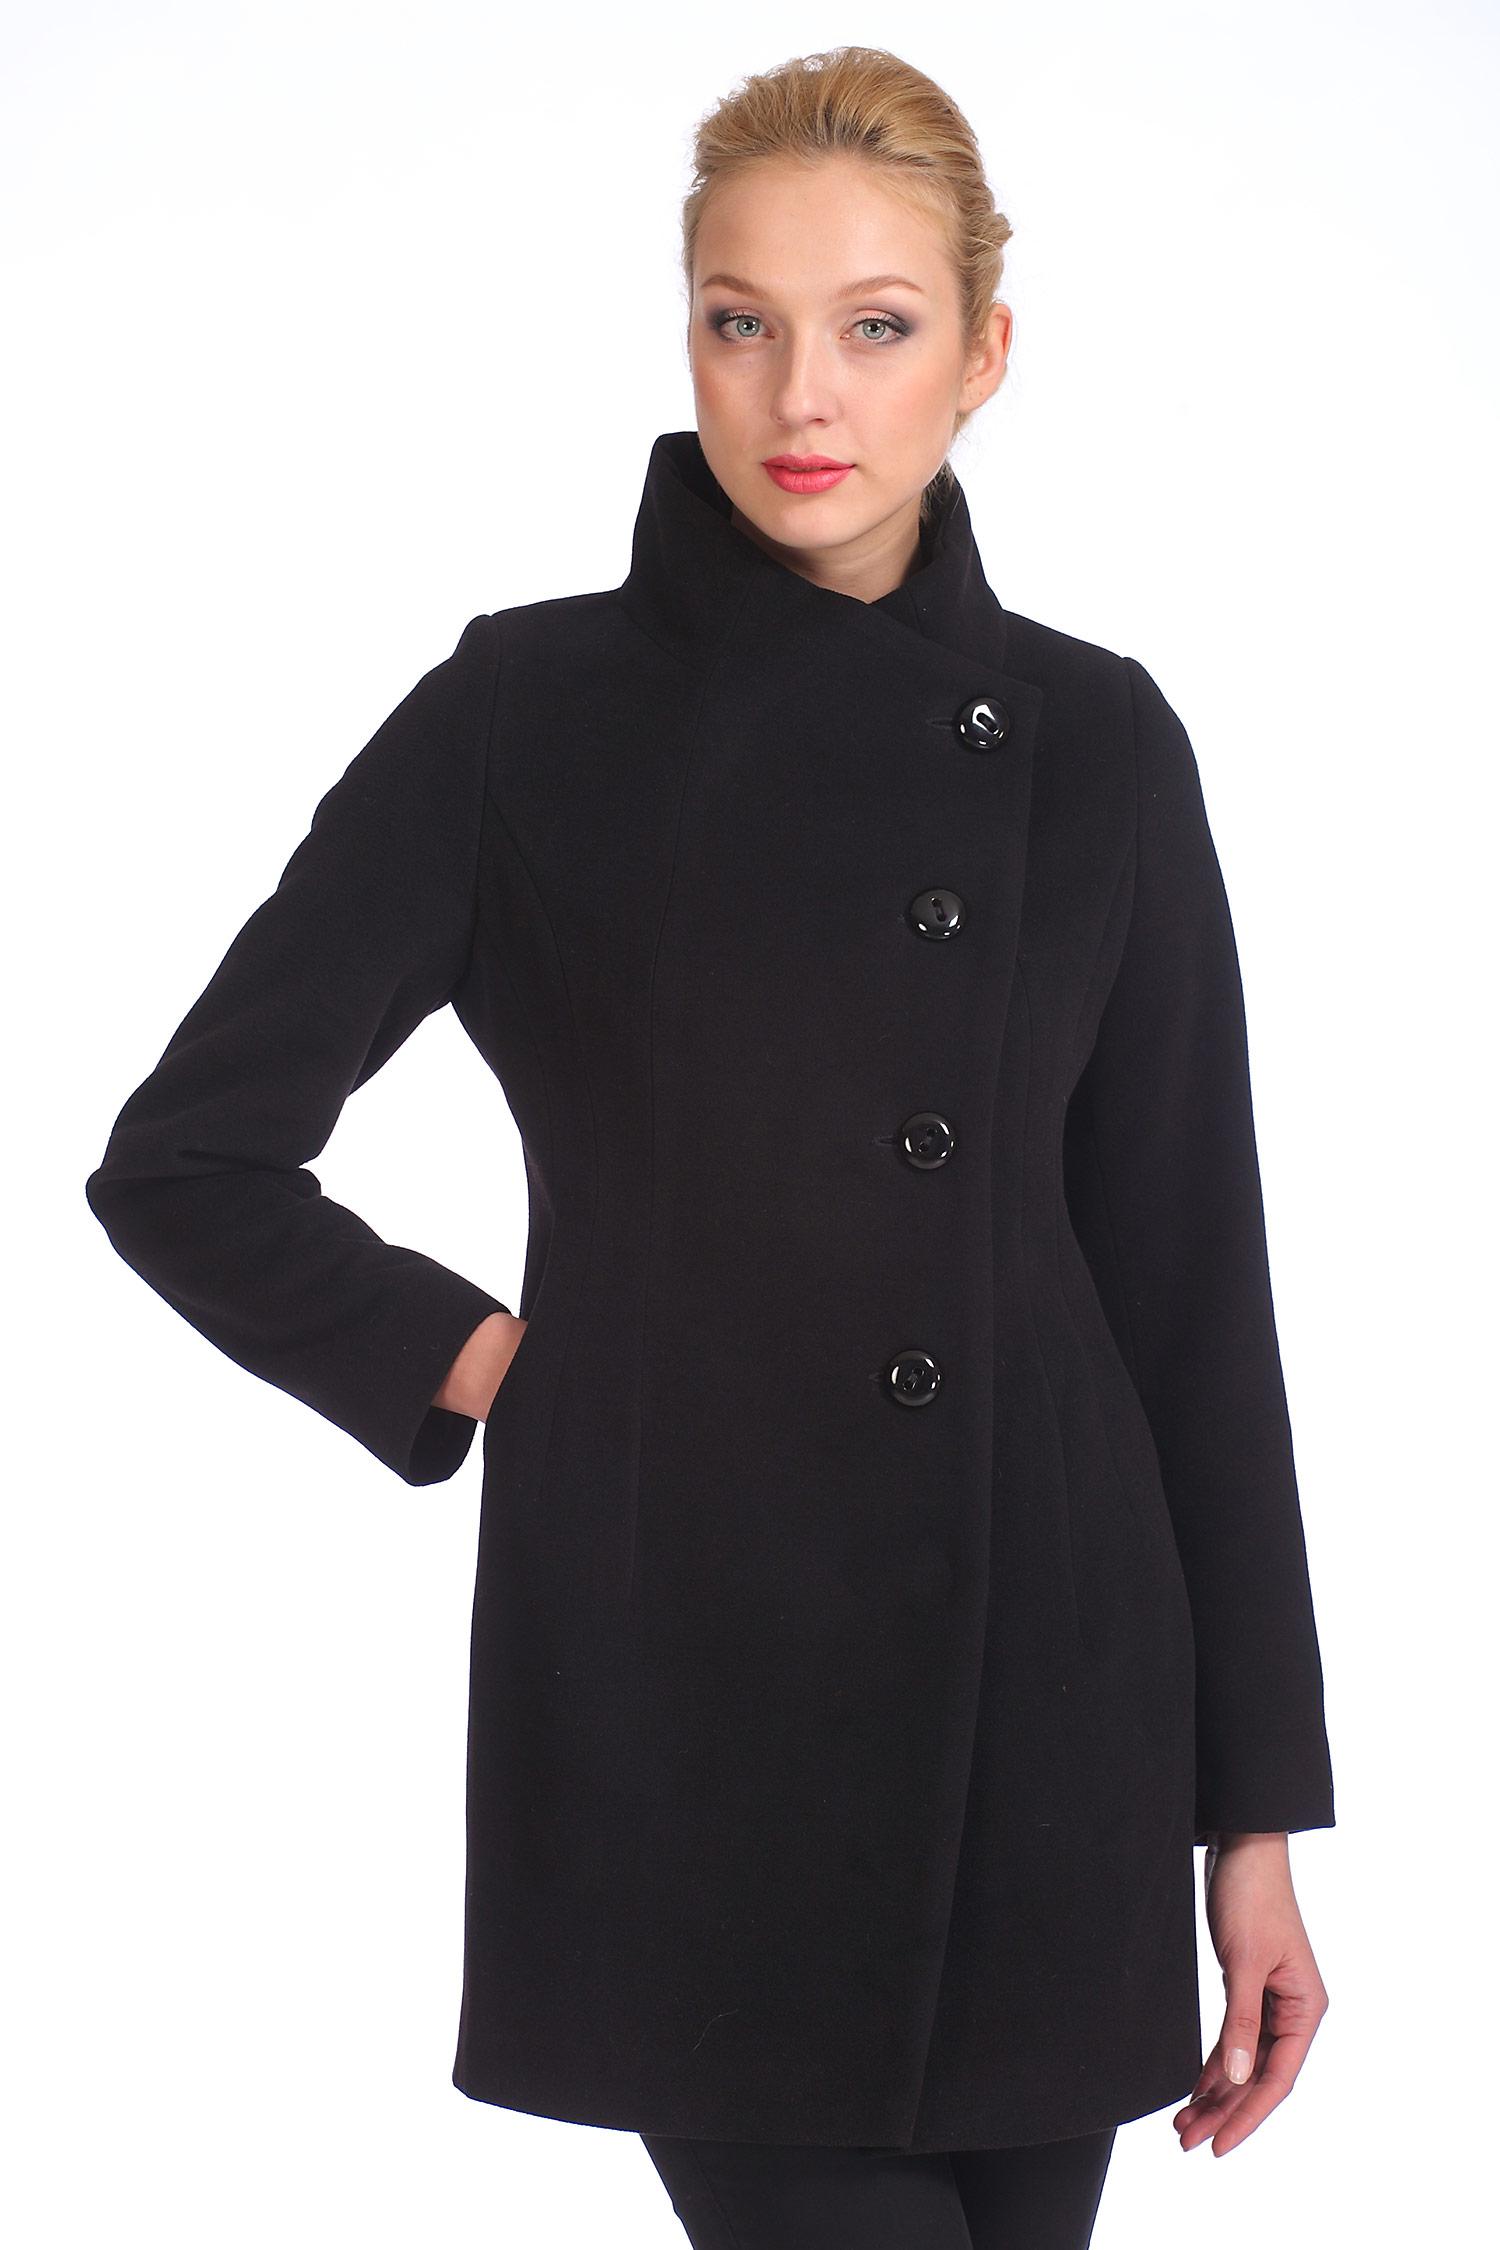 Женское пальто с воротником, без отделки<br><br>Воротник: стойка<br>Длина см: Средняя (75-89 )<br>Материал: Комбинированный состав<br>Цвет: черный<br>Вид застежки: косая<br>Застежка: на пуговицы<br>Пол: Женский<br>Размер RU: 42